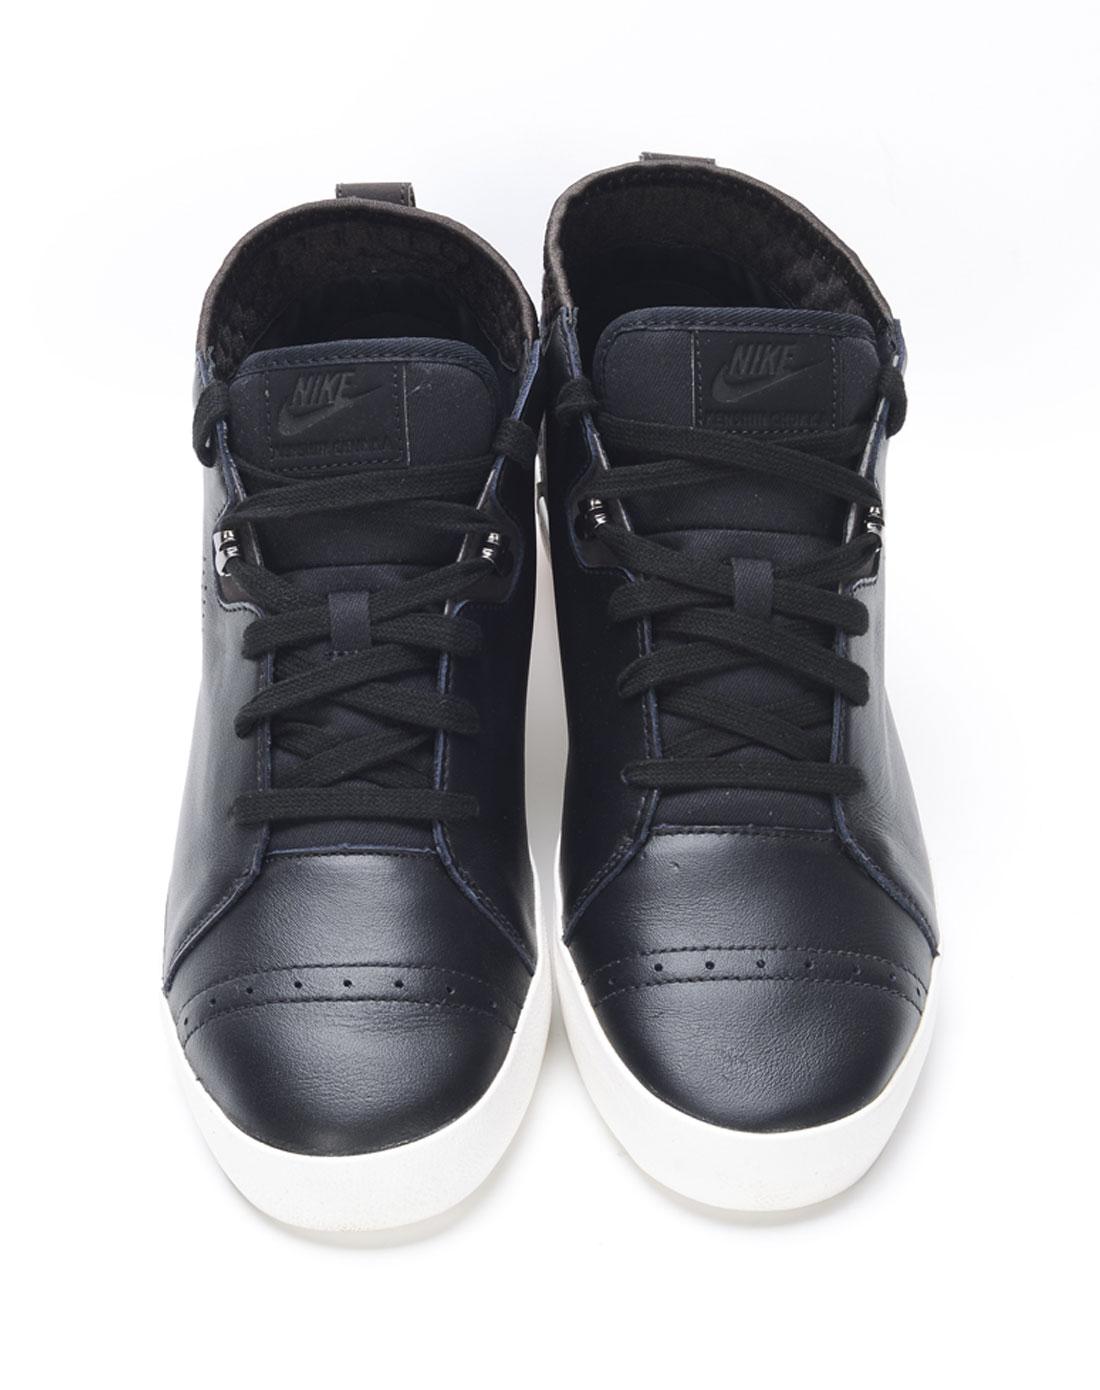 耐克nike-男子黑色复古鞋525268-001